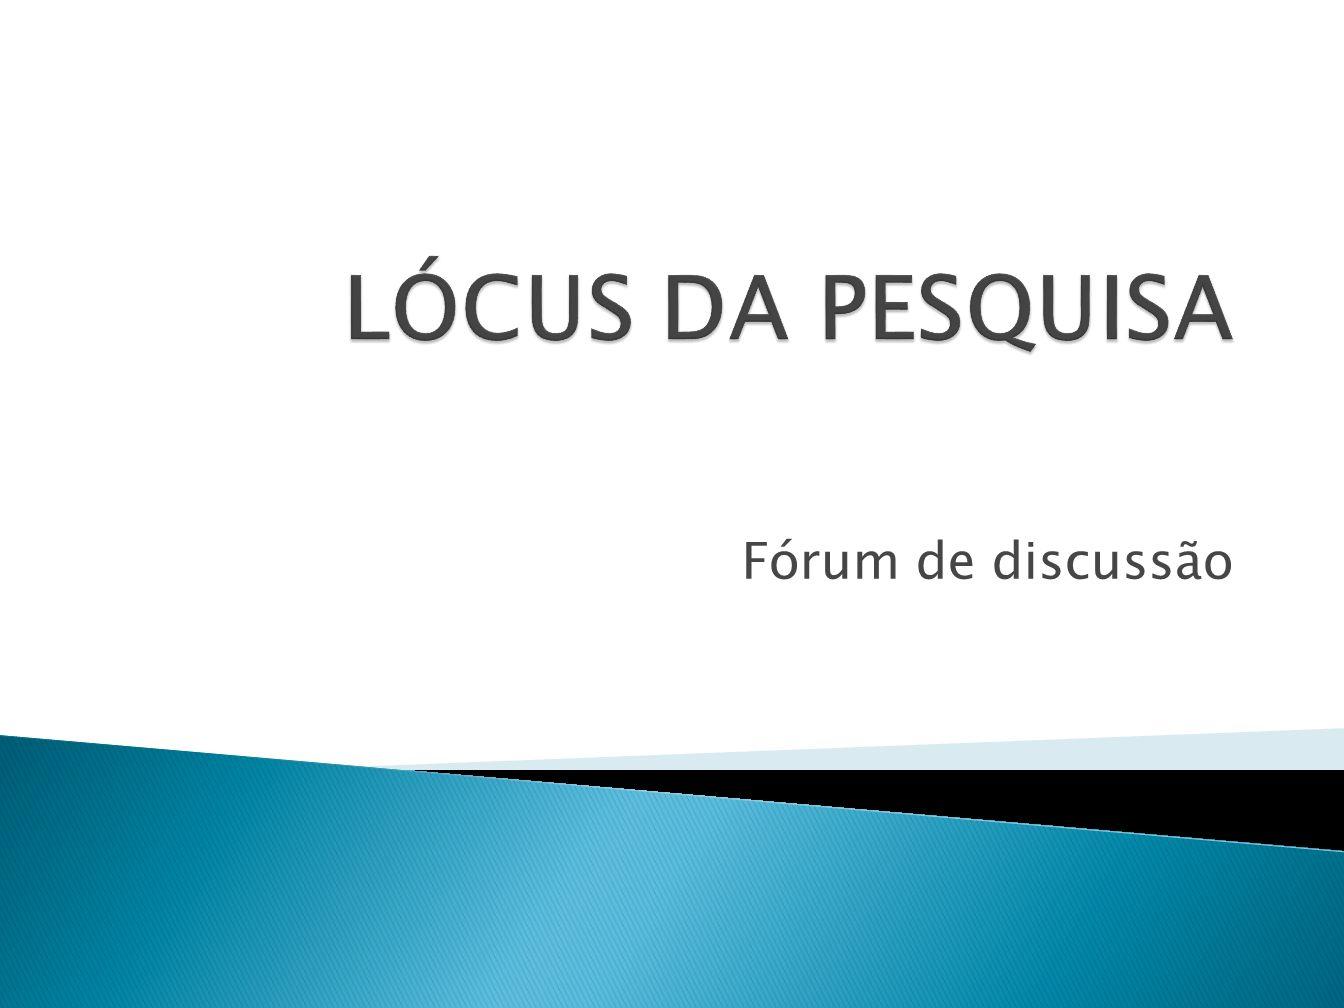 Investigar como os docentes avaliam a funcionalidade pedagógica do fórum de discussão para a construção de aprendizado colaborativo